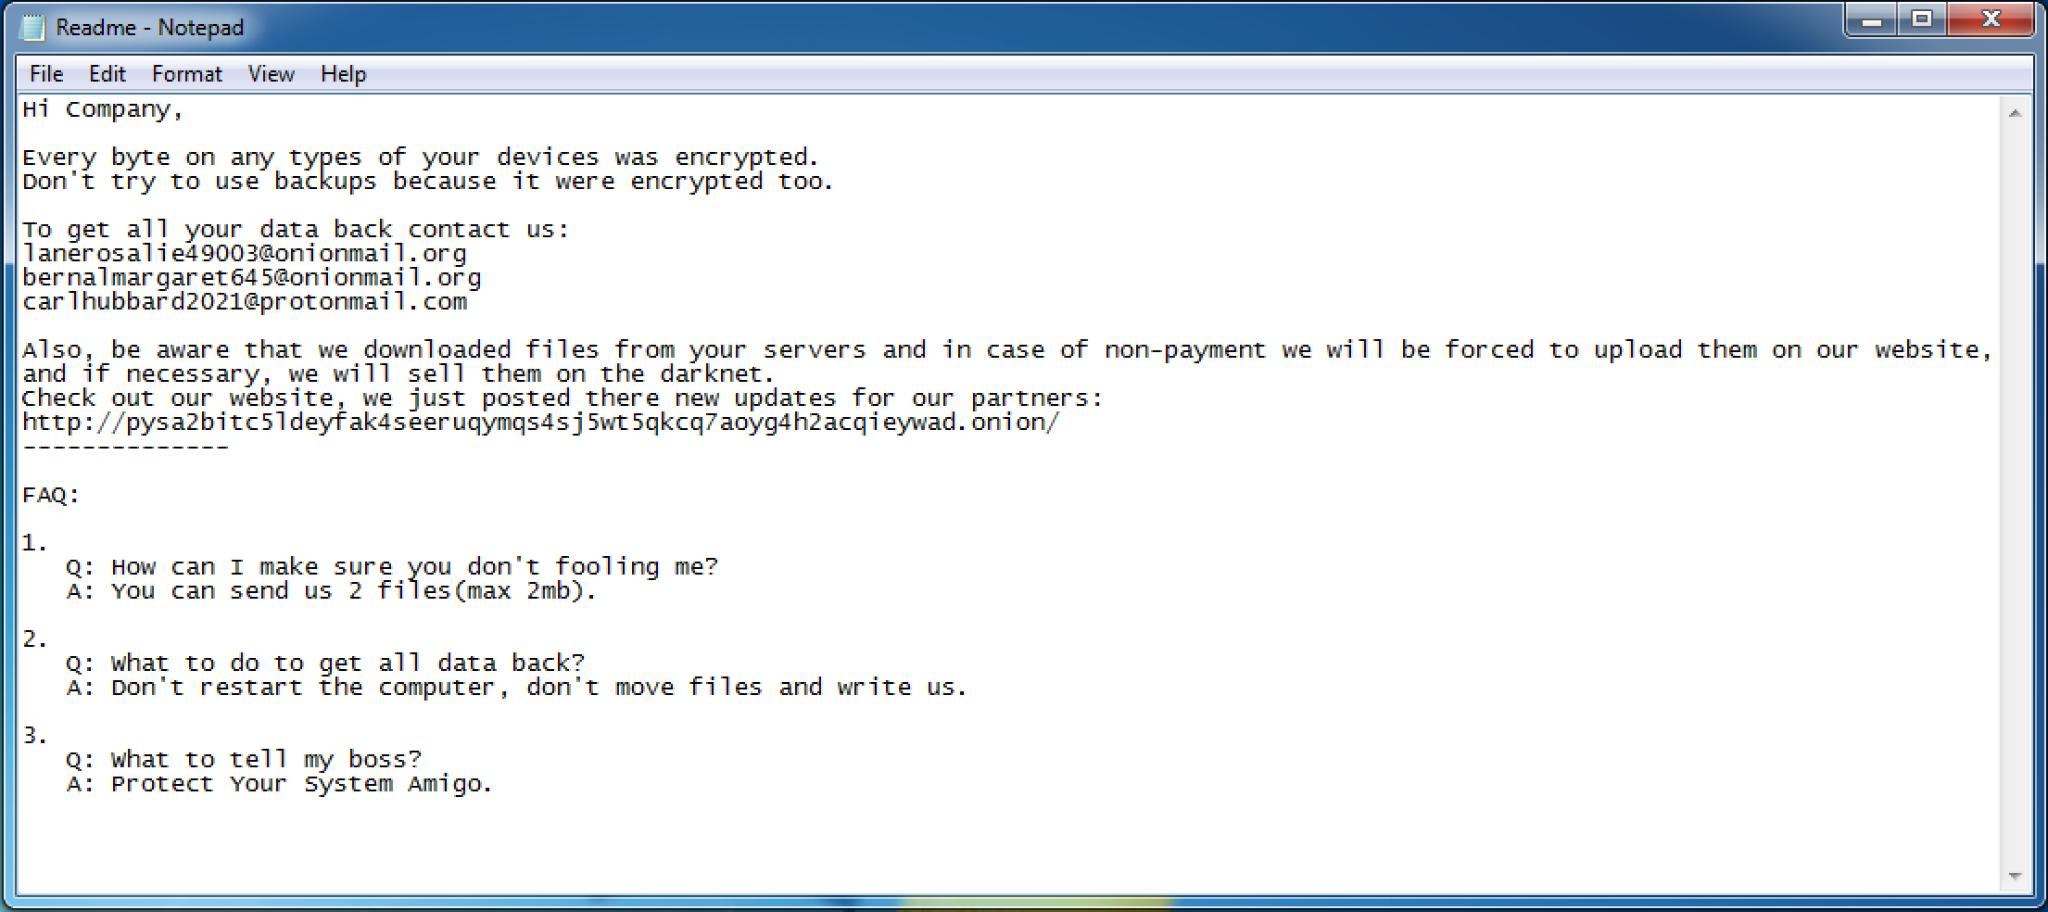 ランサムウェアMespinozaによる身代金要求メモのスクリーンショット